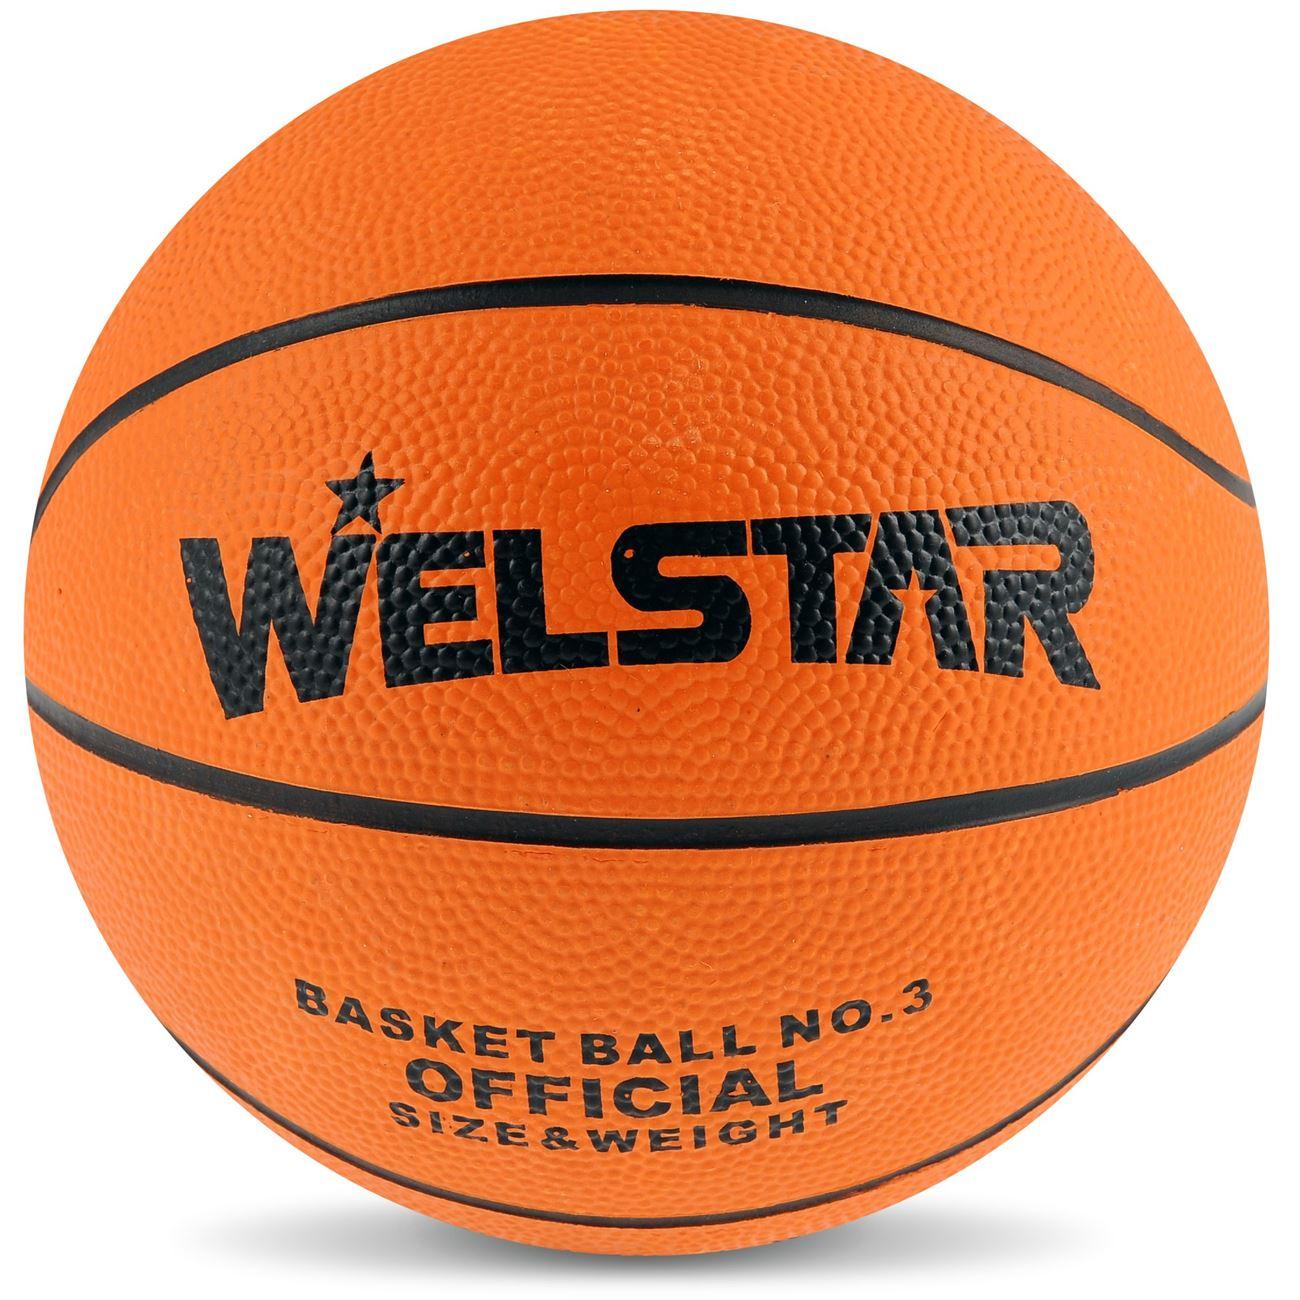 Μπάσκετ ραντεβού ιστοσελίδα δωρεάν